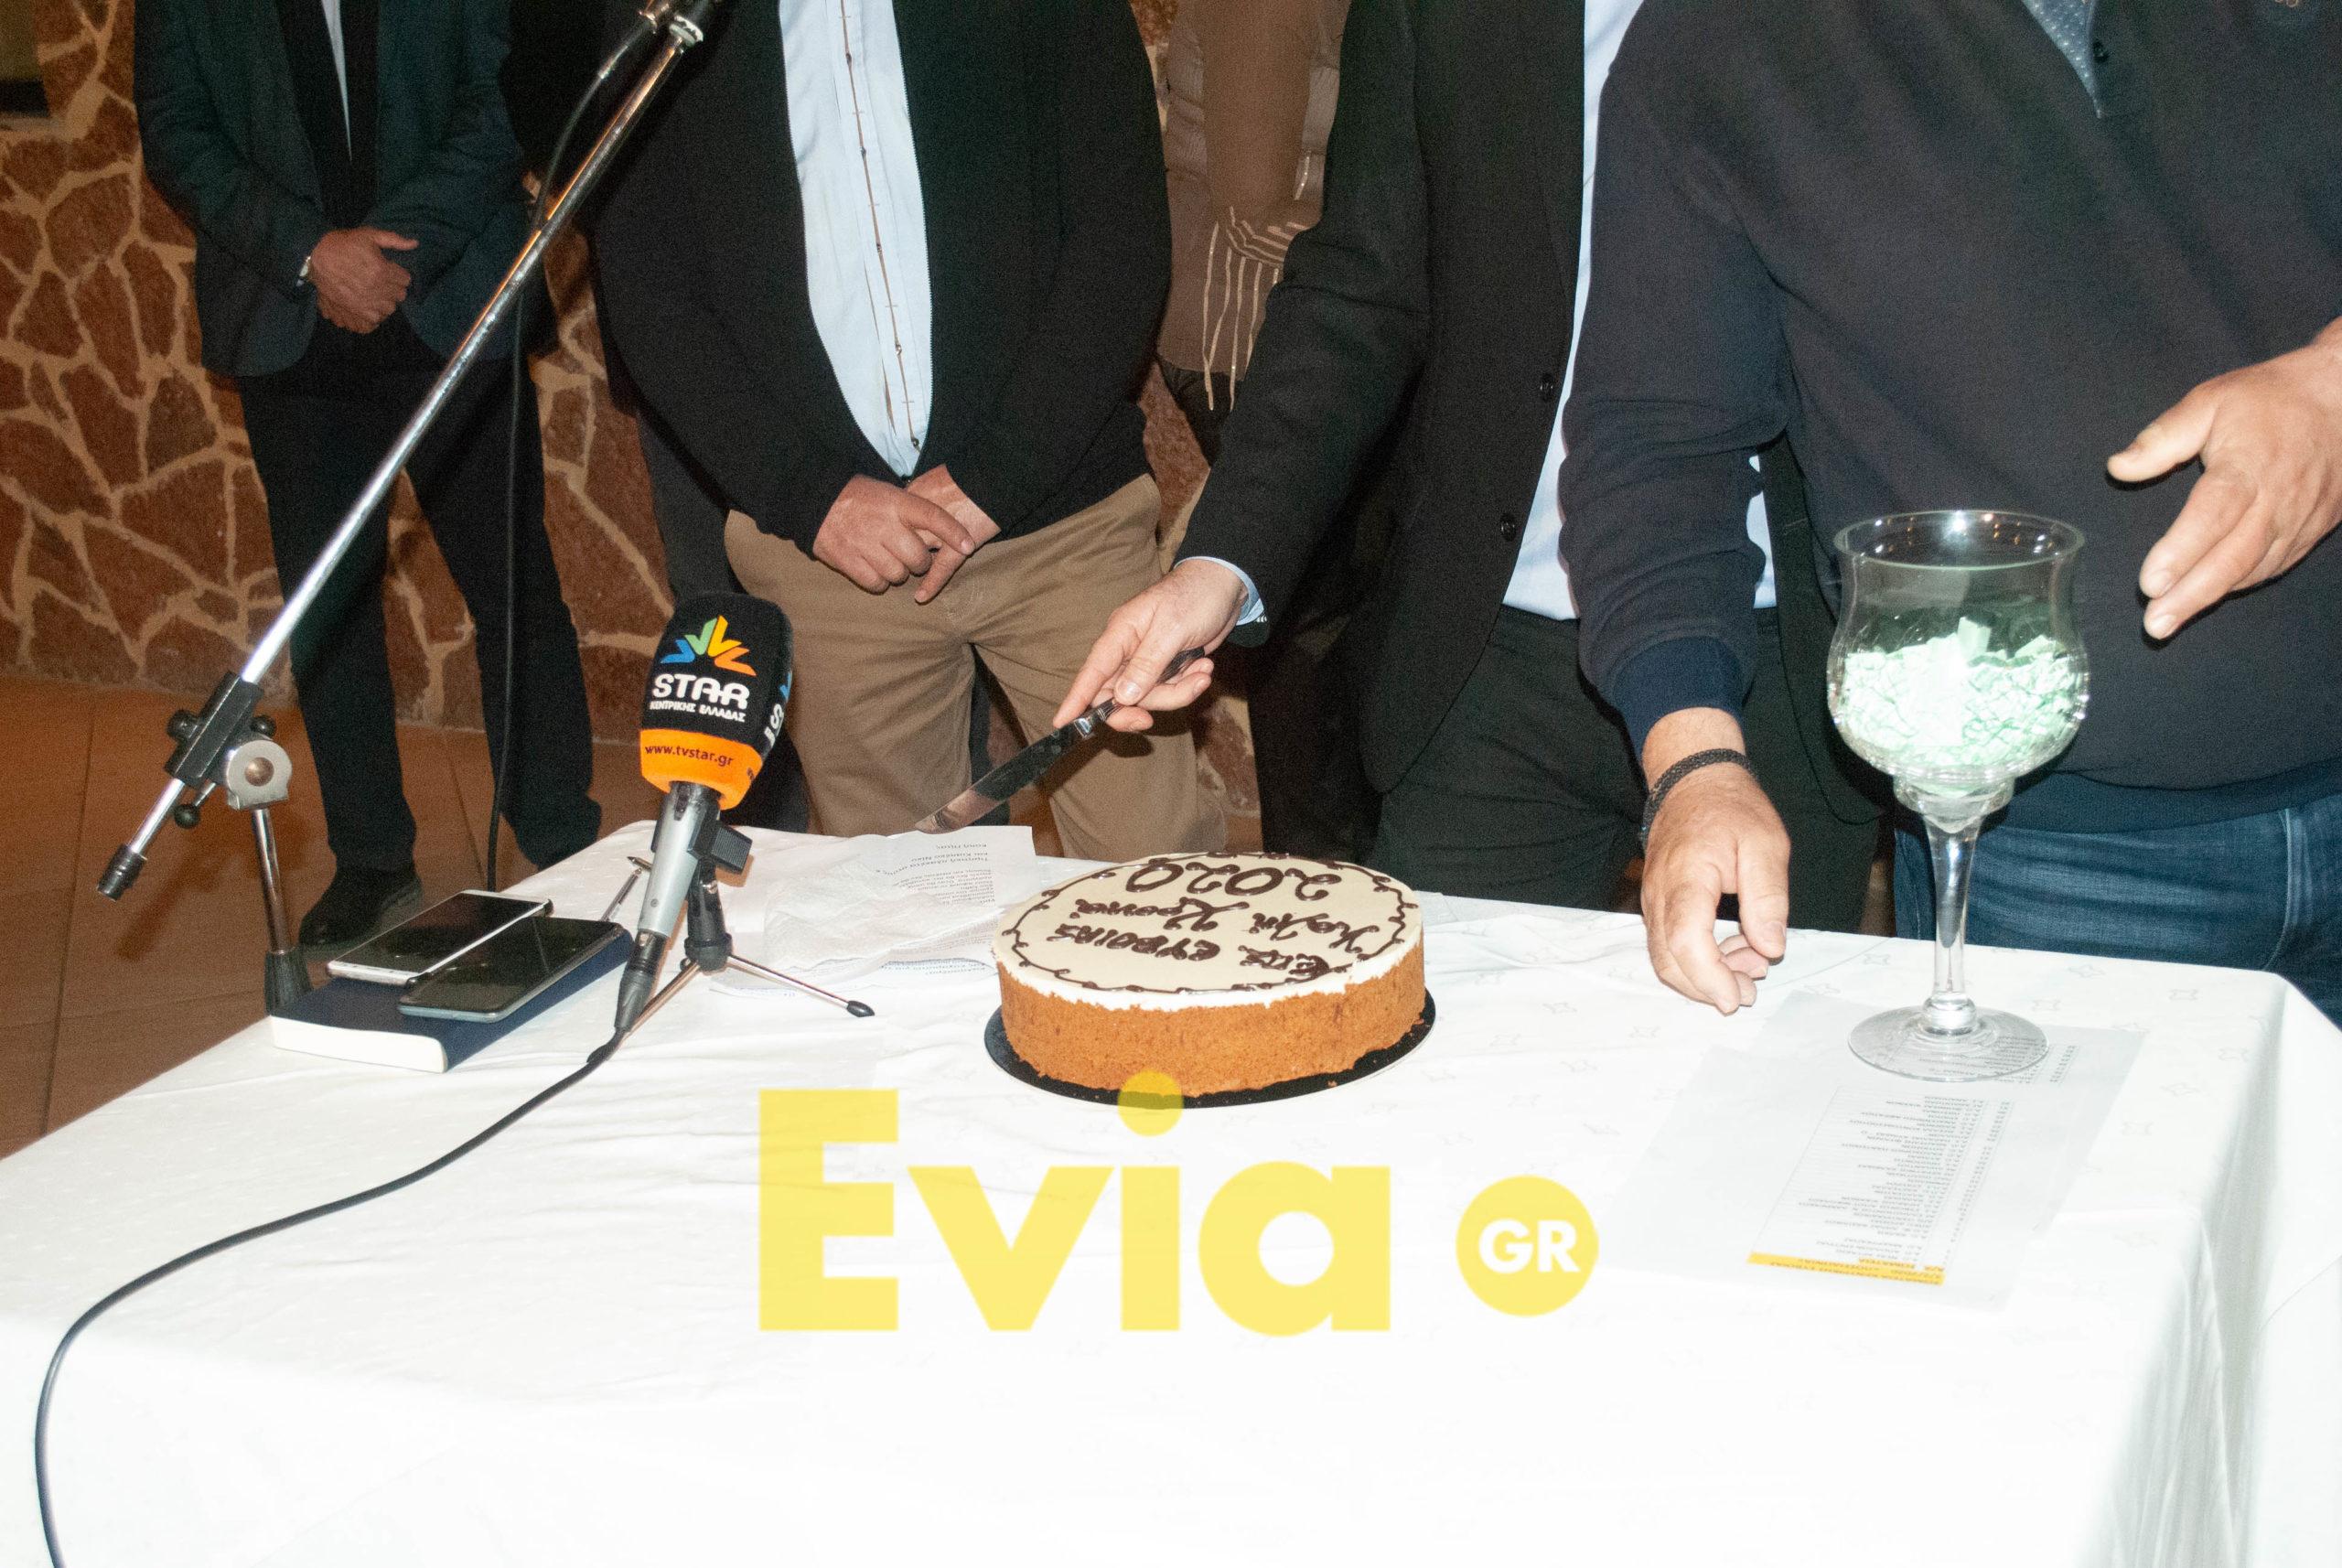 ΕΠΣ Ευβοίας Πραγματοποιήθηκε η κοπή πίτας της ΕΠΣ Ευβοίας για τα σωματεία Κεντρικής Εύβοιας DSC 0505 scaled